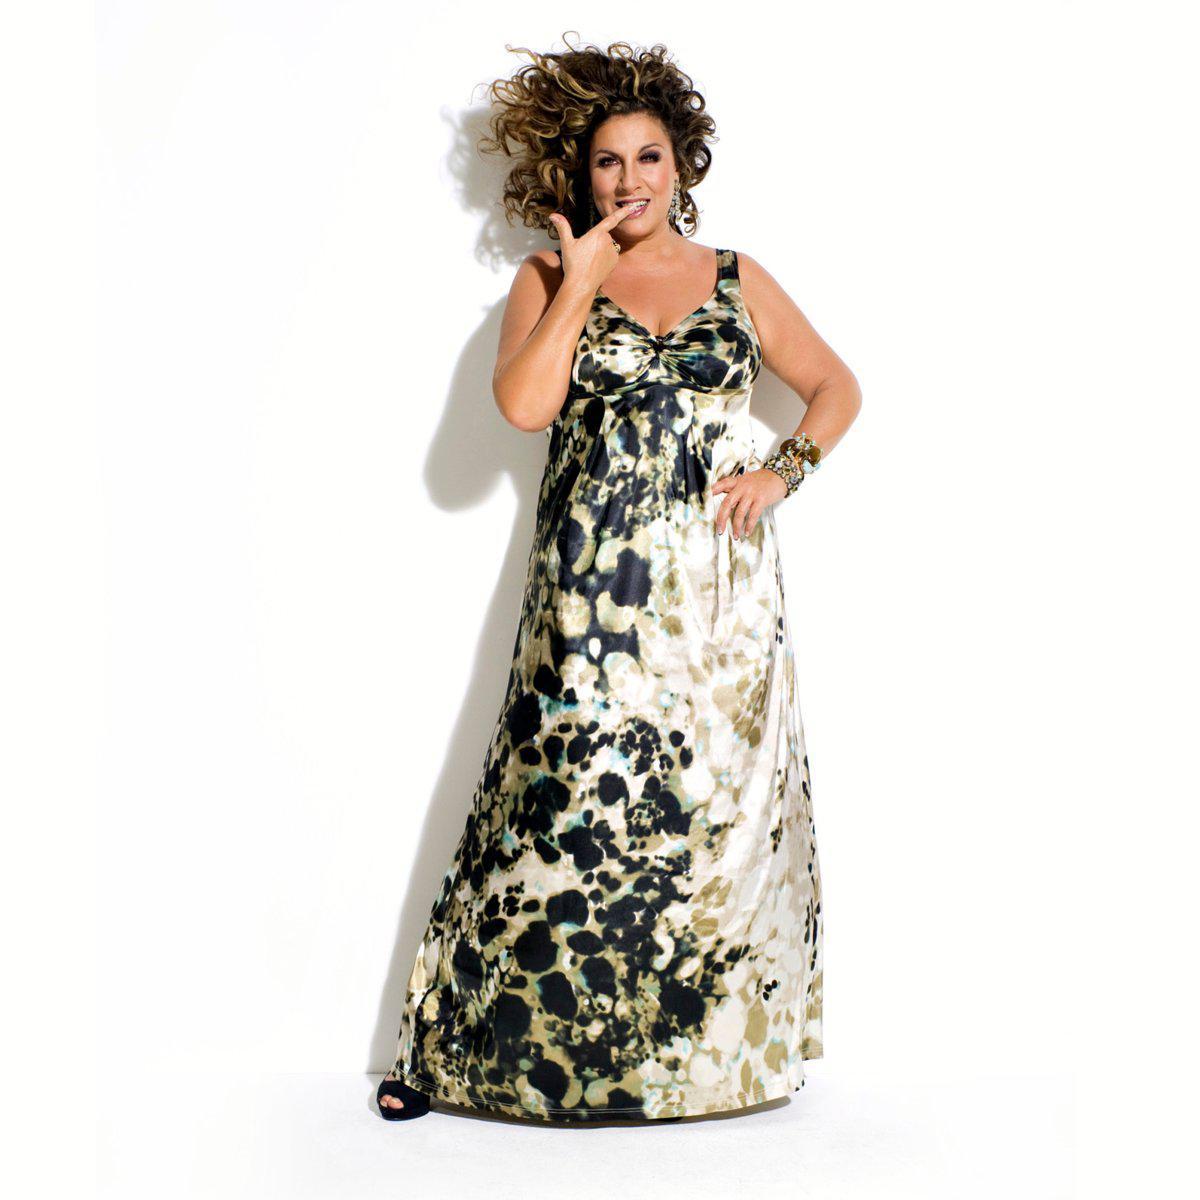 7411ca9a0207 Φορεματα Μεγαλα Μεγεθη Φθινόπωρο Χειμώνας 2011 κωδ. 324251760